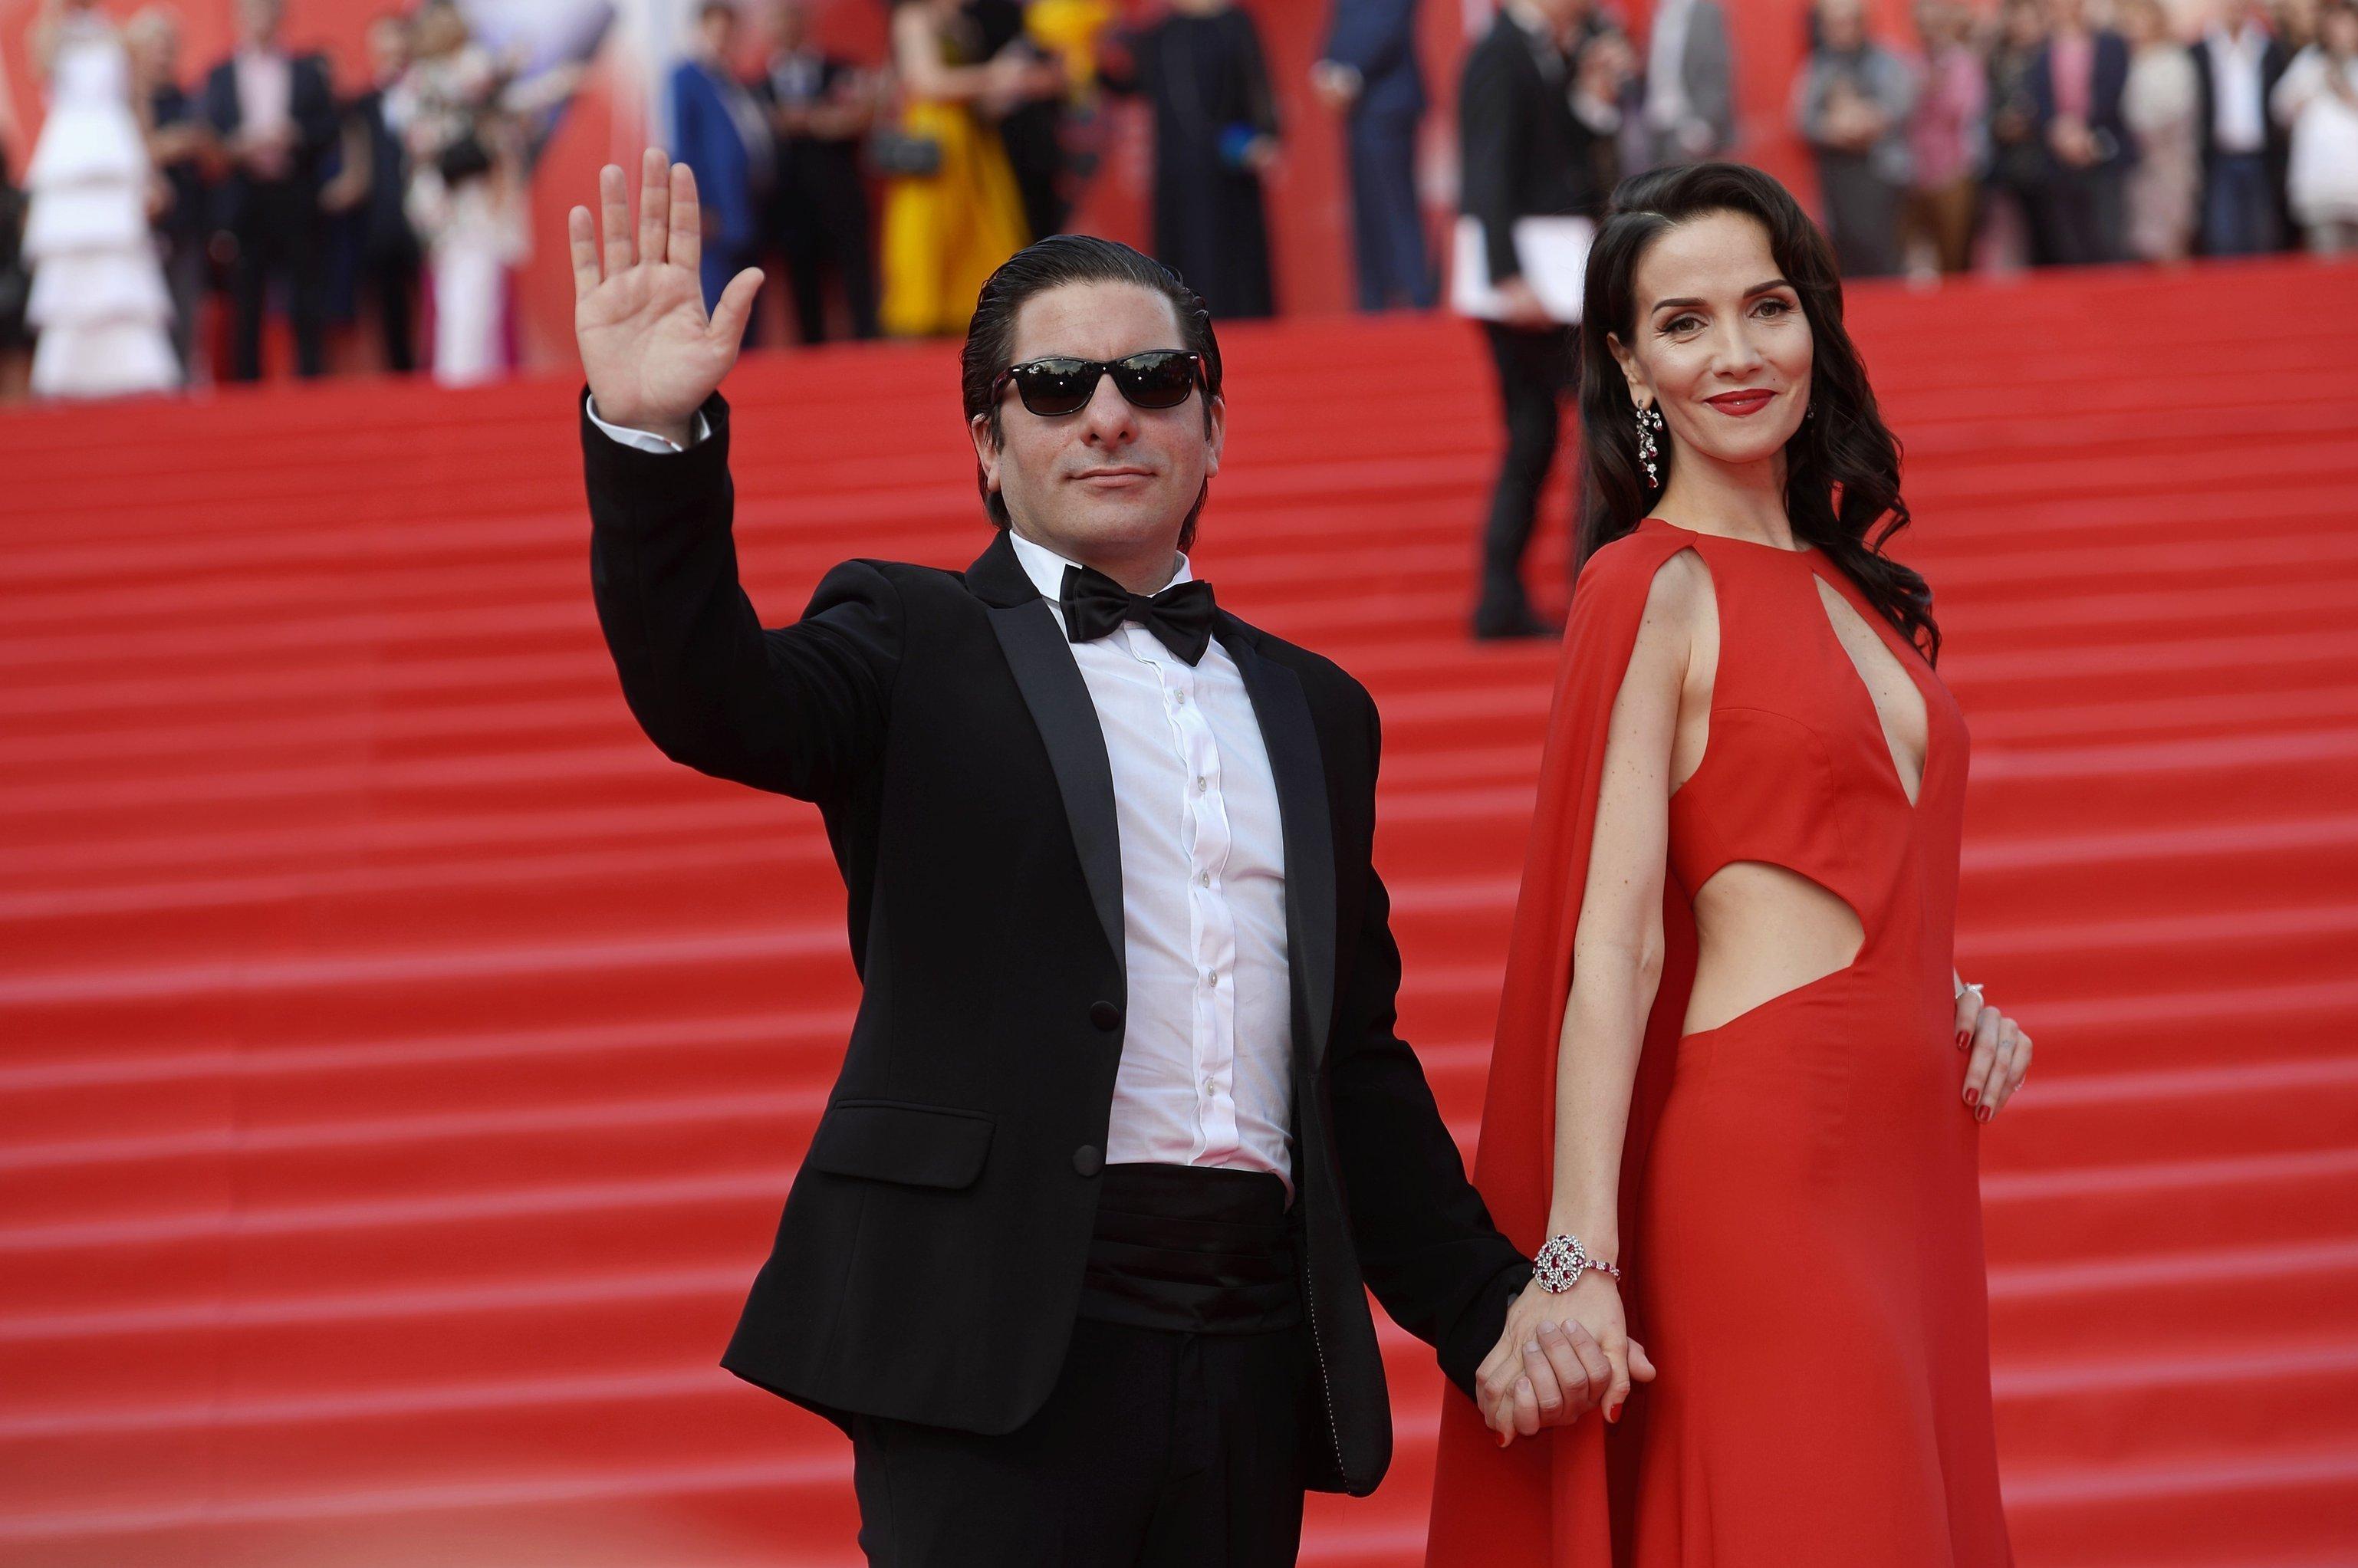 Martín Sastre, director del documental 'Nasha Natasha', y Natalia Oreiro, actriz y cantante uruguaya, en la ceremonia de clausura del 38 Festival de Cine de Moscú